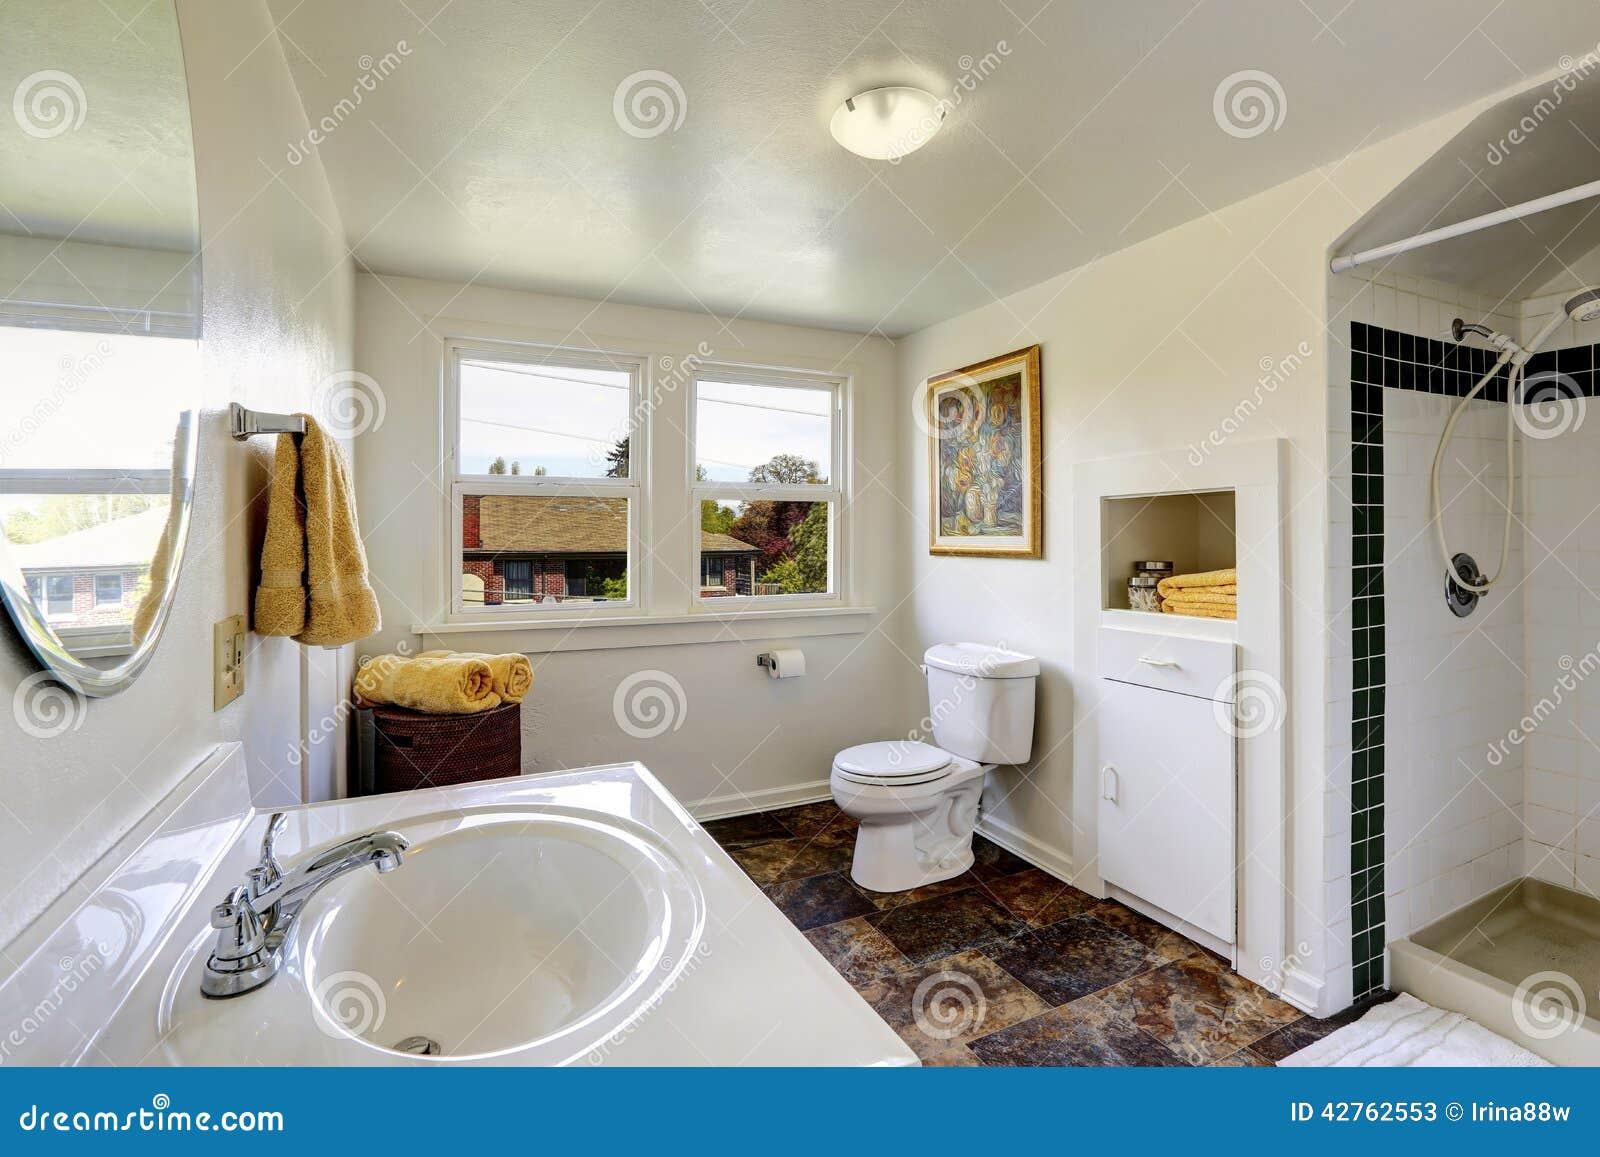 Bagno bianco con la pavimentazione in piastrelle di marrone di contrasto immagine stock - Piastrelle bagno marrone ...